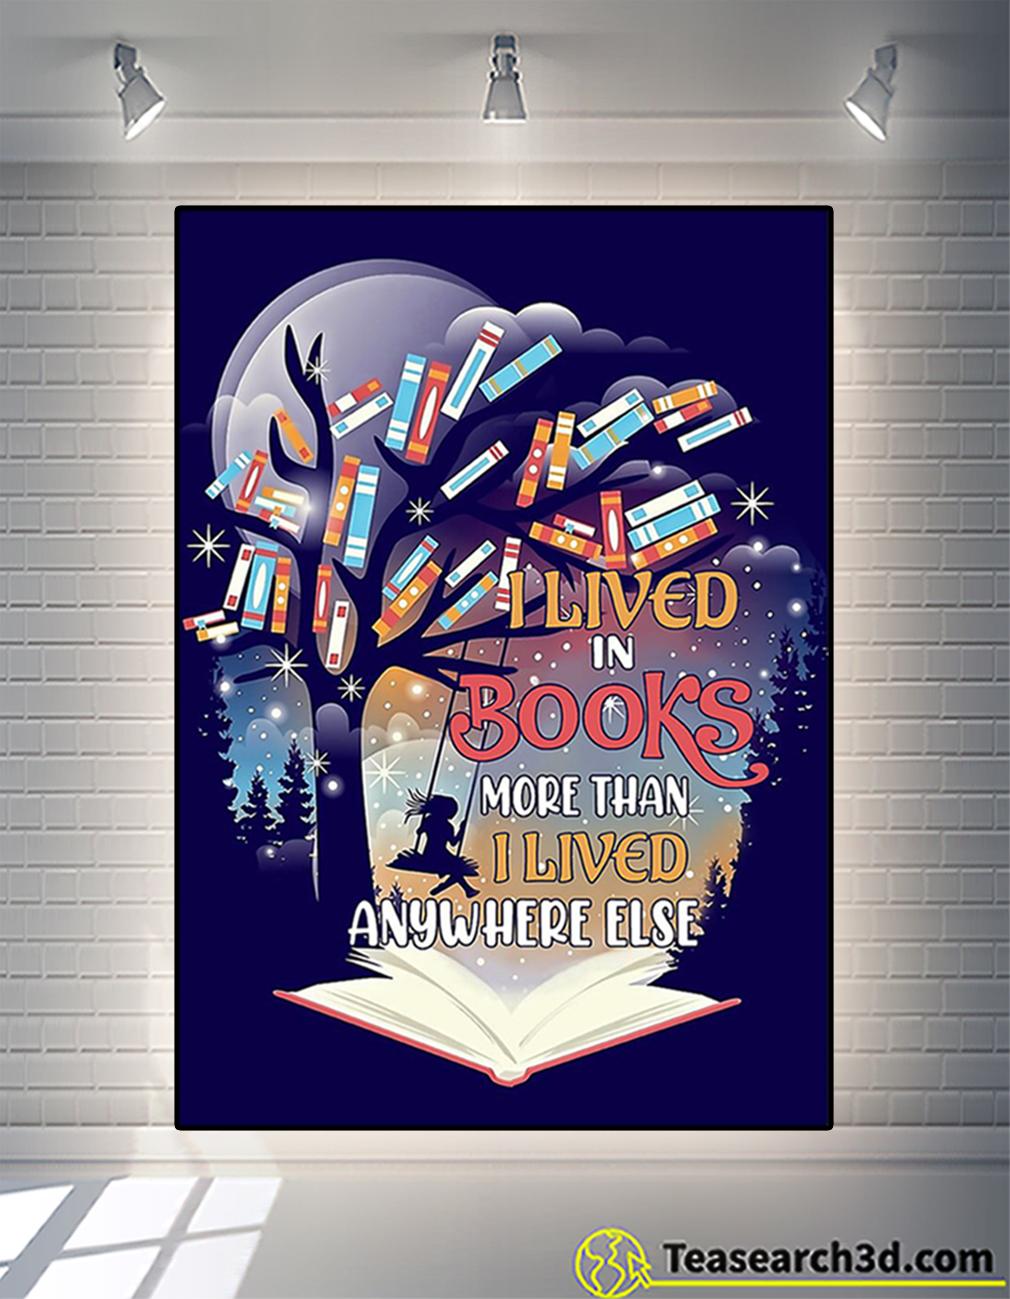 I lived in books more than I lived anywhere else poster